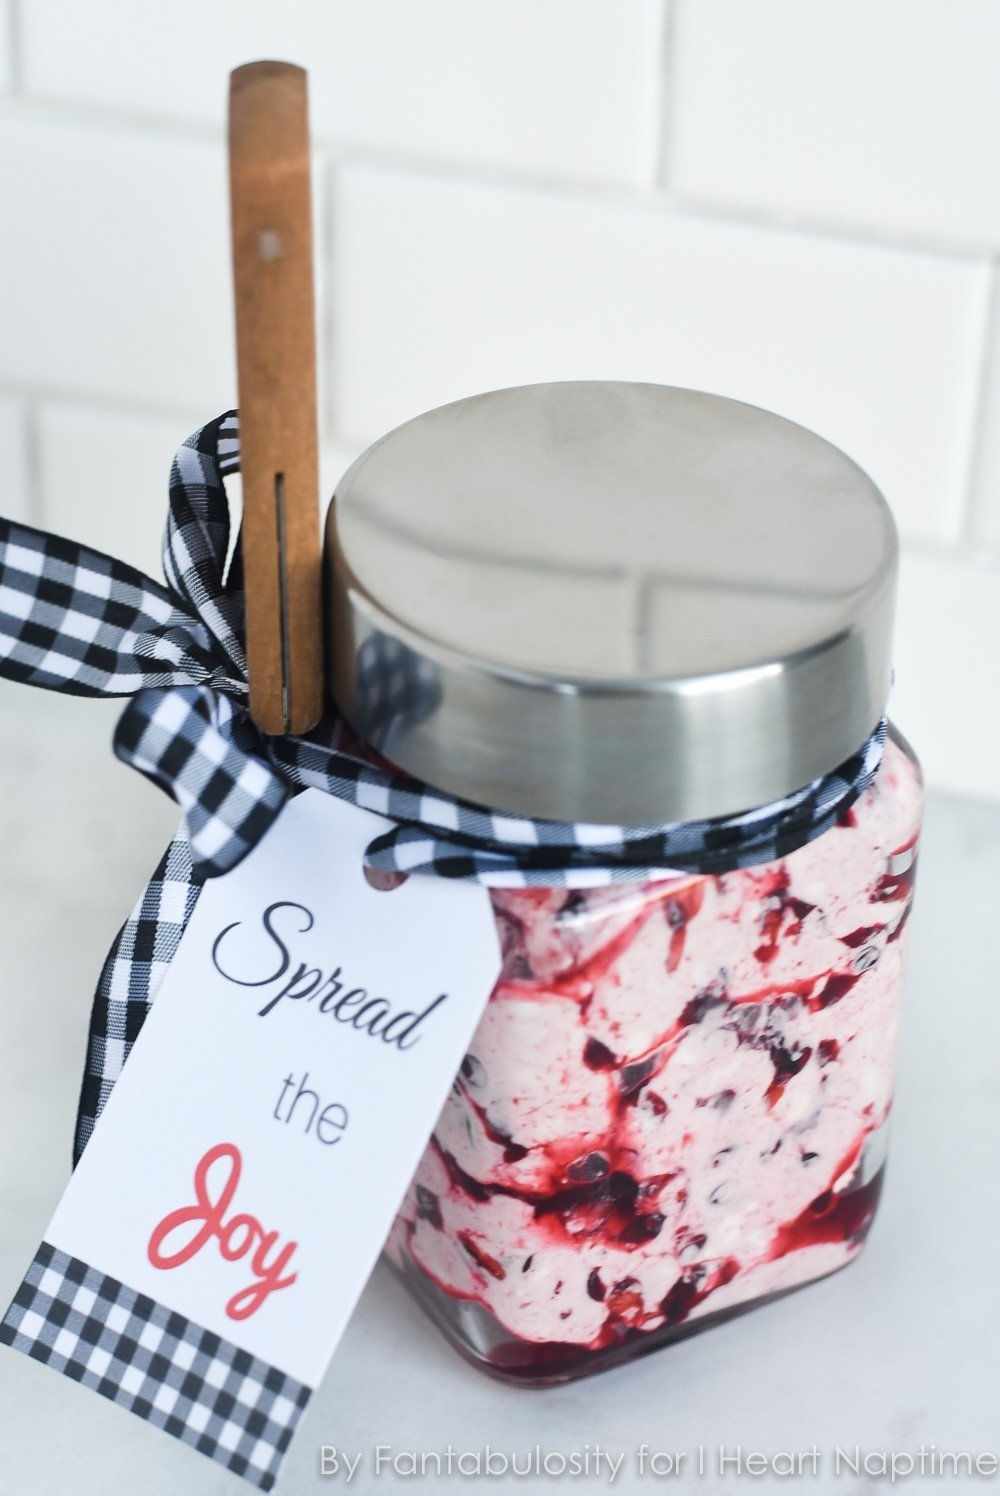 10 Lovely Hostess Gift Ideas For Dinner spread the joy homemade butter christmas hostess gift i heart nap 2021